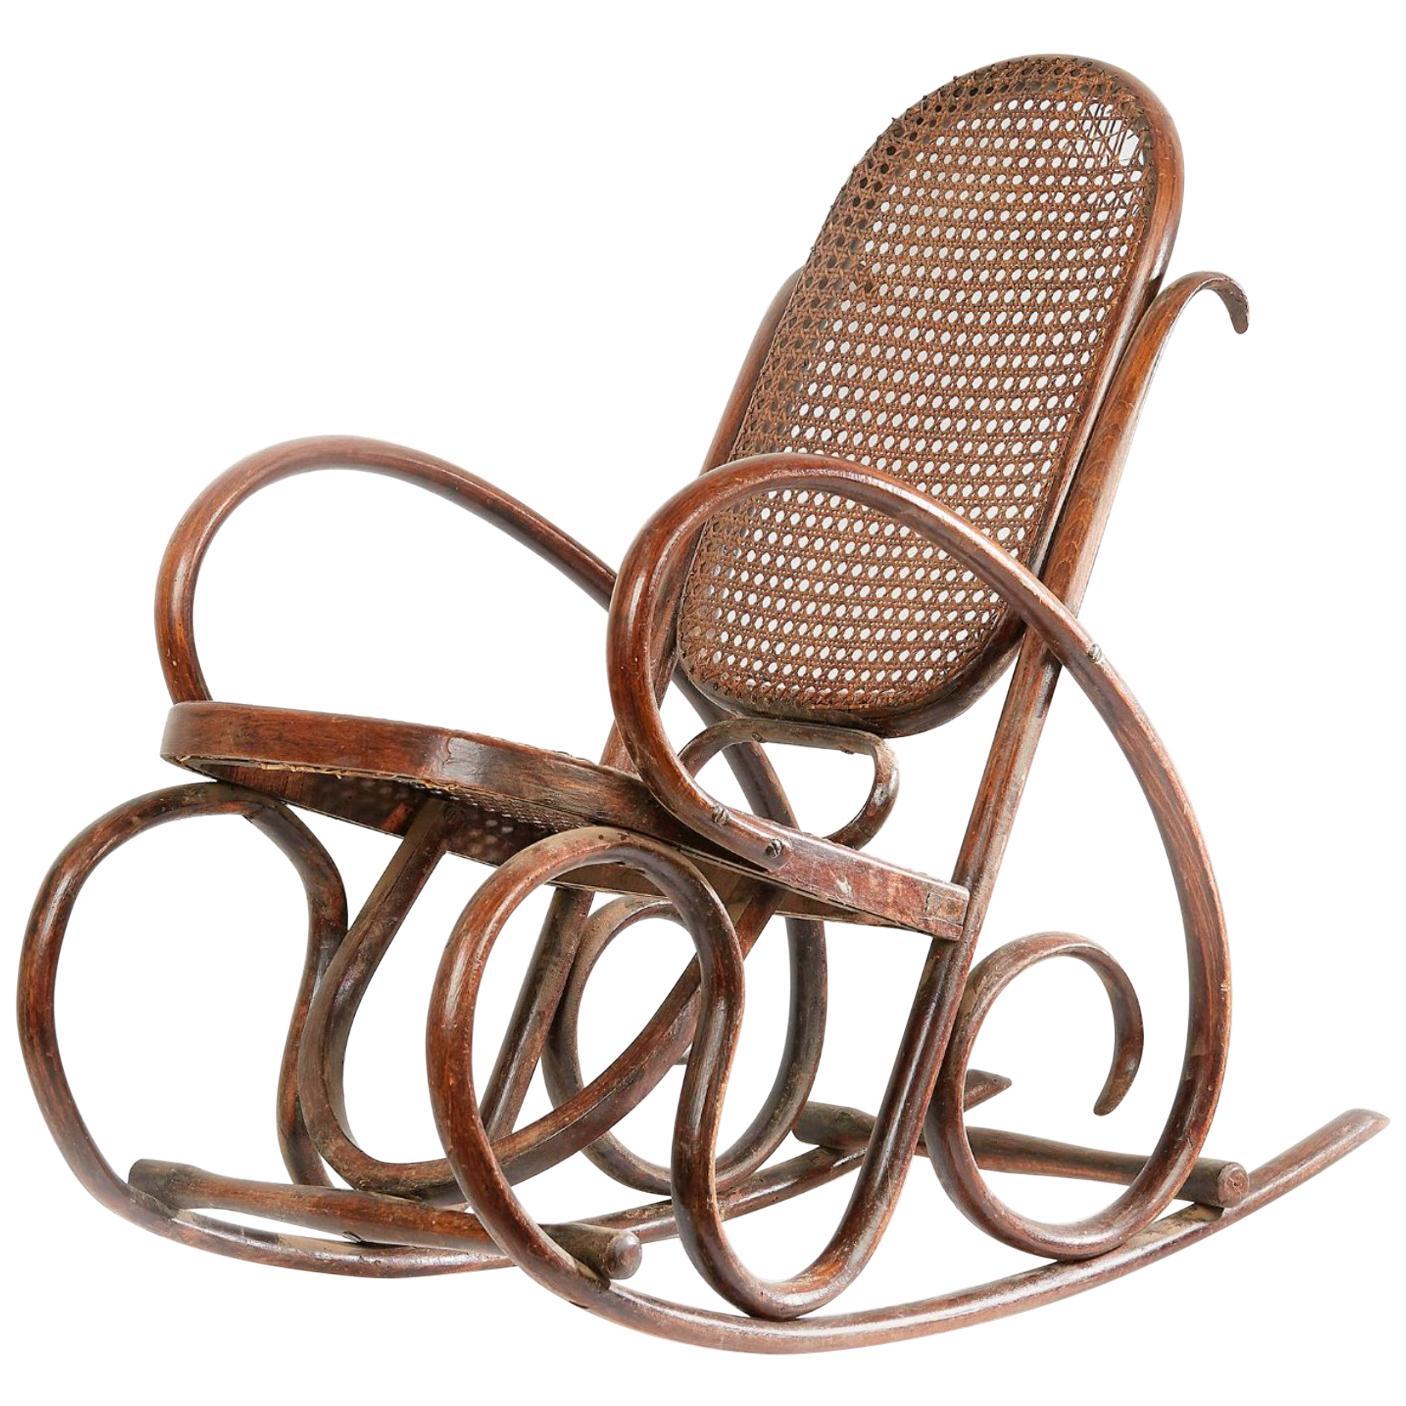 Vintage Walnut Child's Rocking Chair, circa 1920s